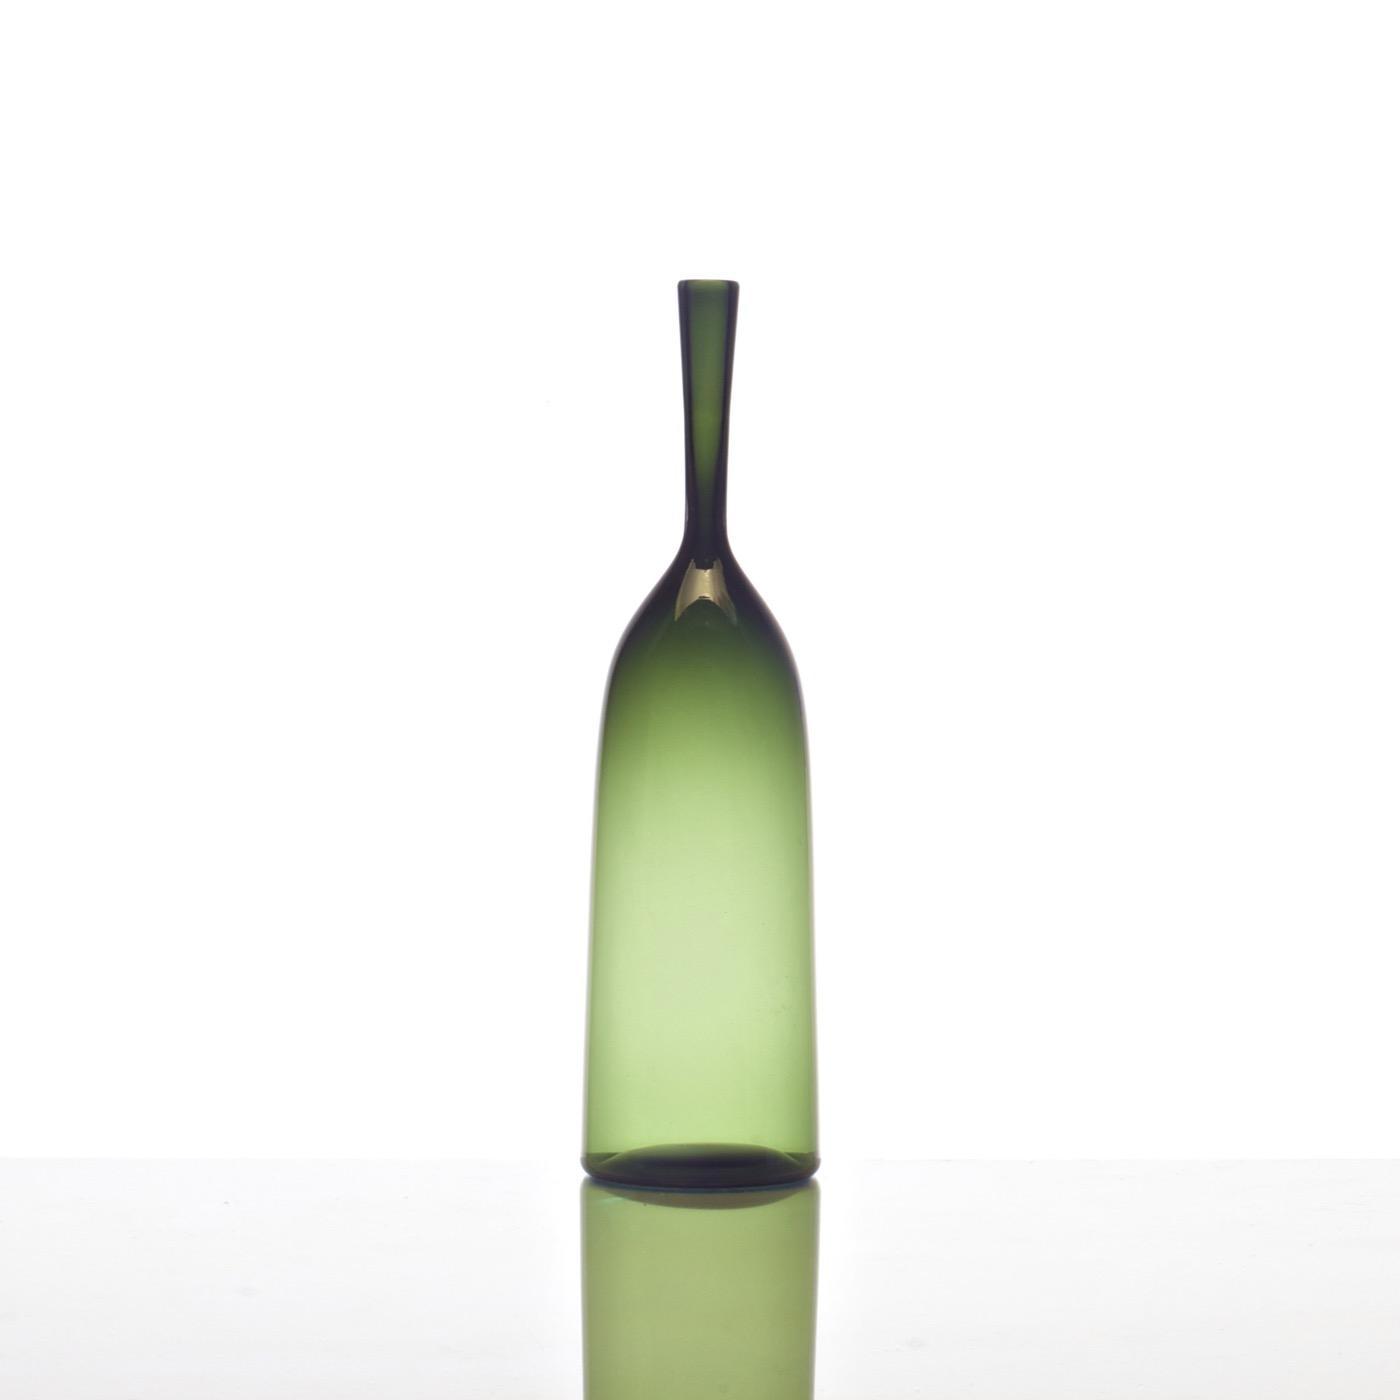 Hues Glass Bottle Vases   Fern